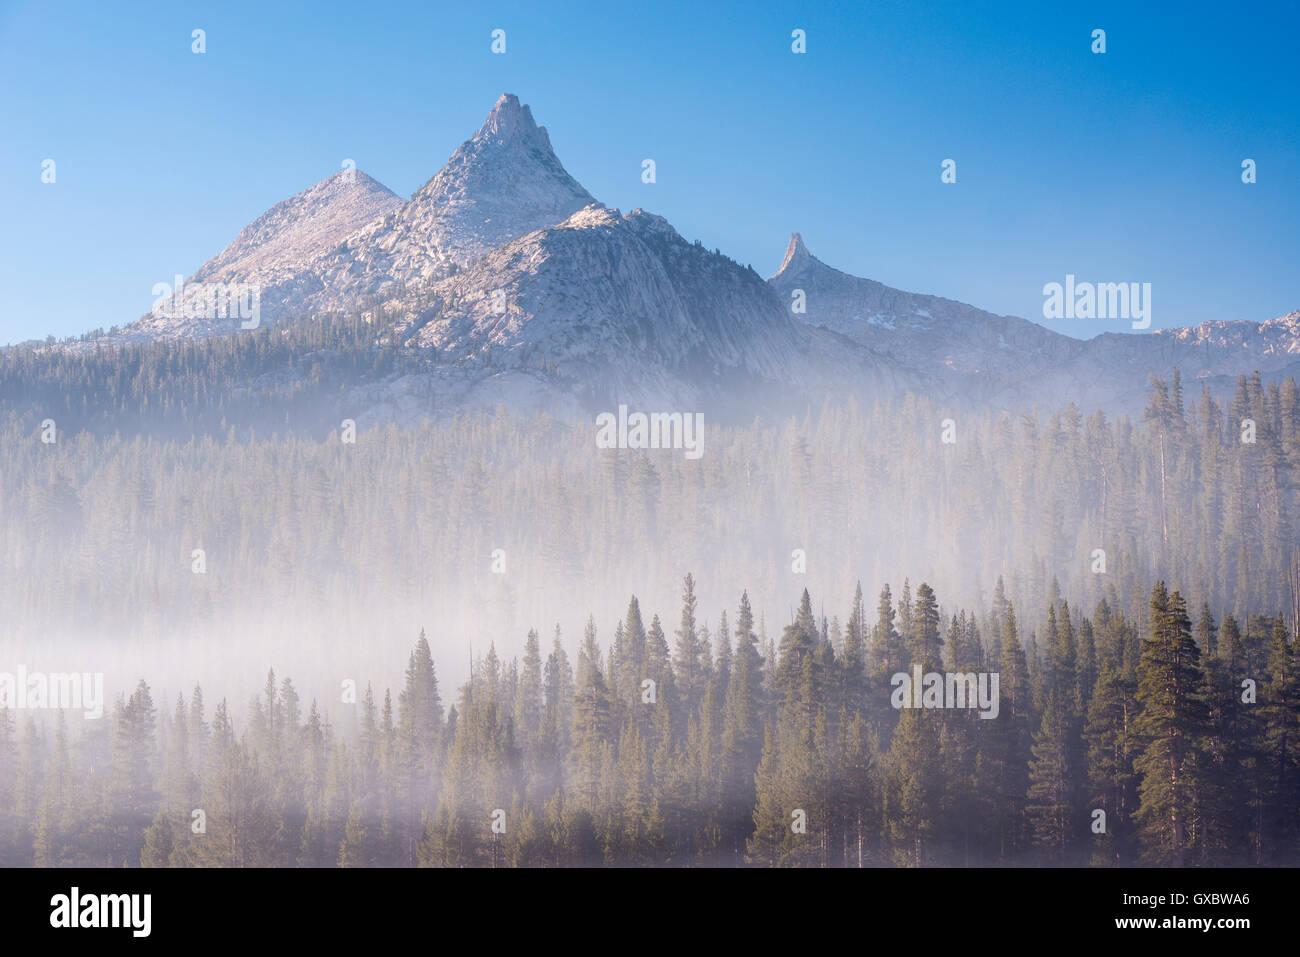 Pico de unicornio elevarse por encima de un bosque cubierto de neblina, el Parque Nacional Yosemite, California, Imagen De Stock